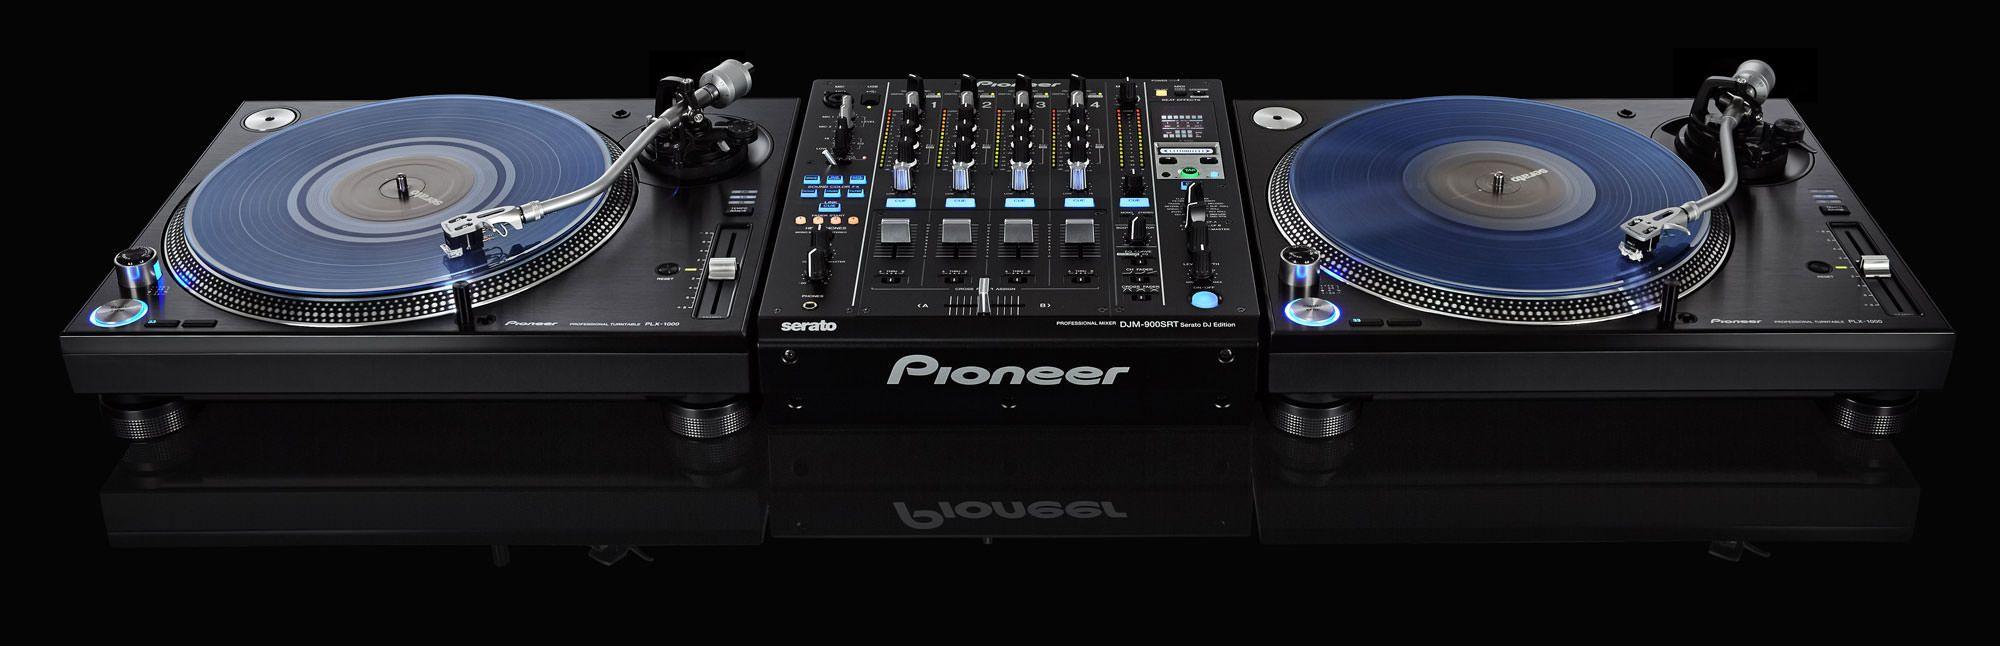 pioneer turntables. new turntable - pioneer plx 1000 turntables